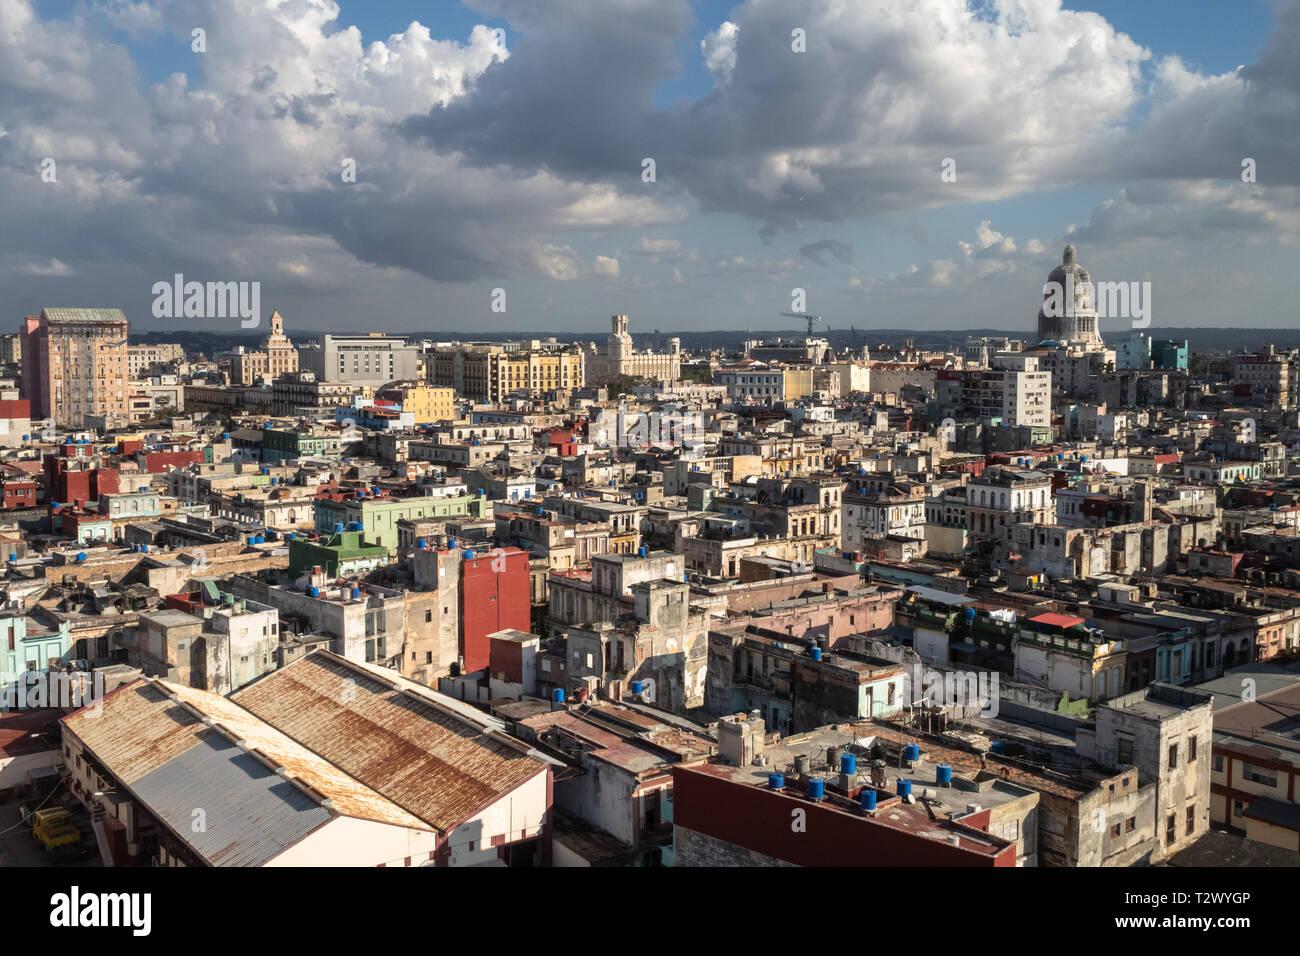 View over the rooftops in Havana, Cuba - Stock Image